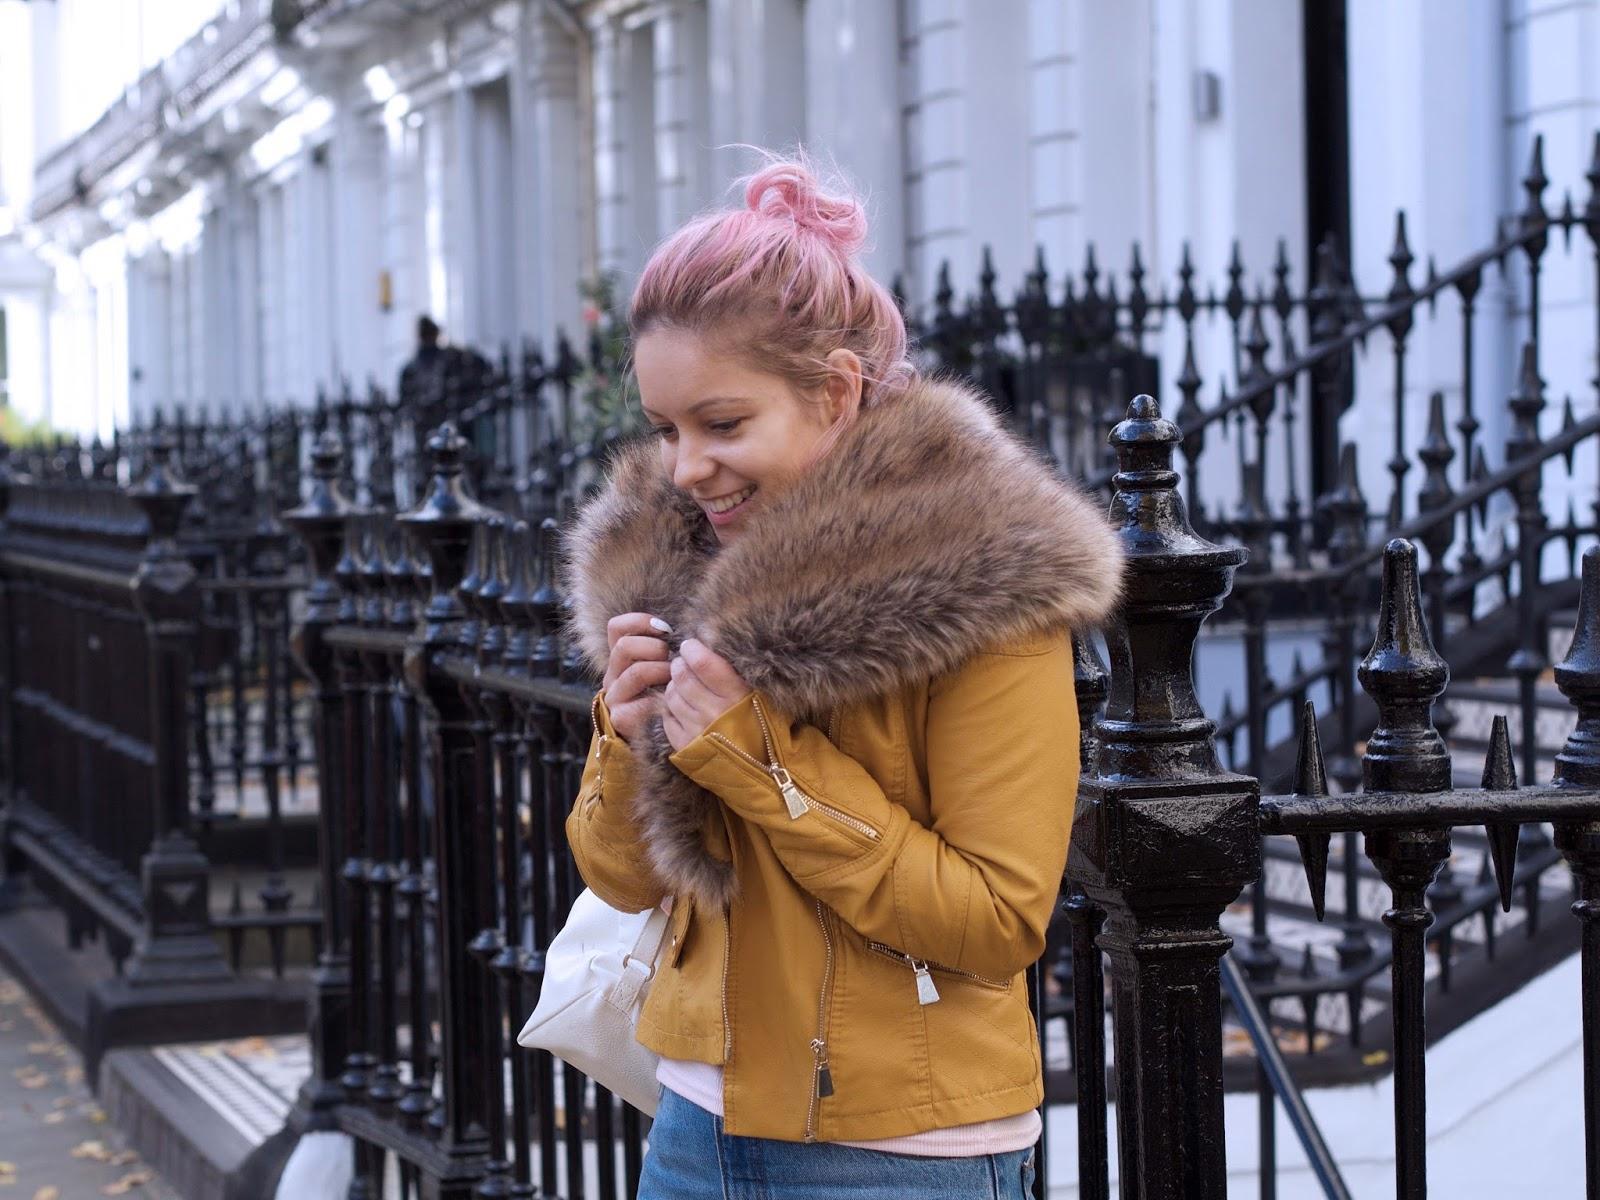 A future goals as a blogger